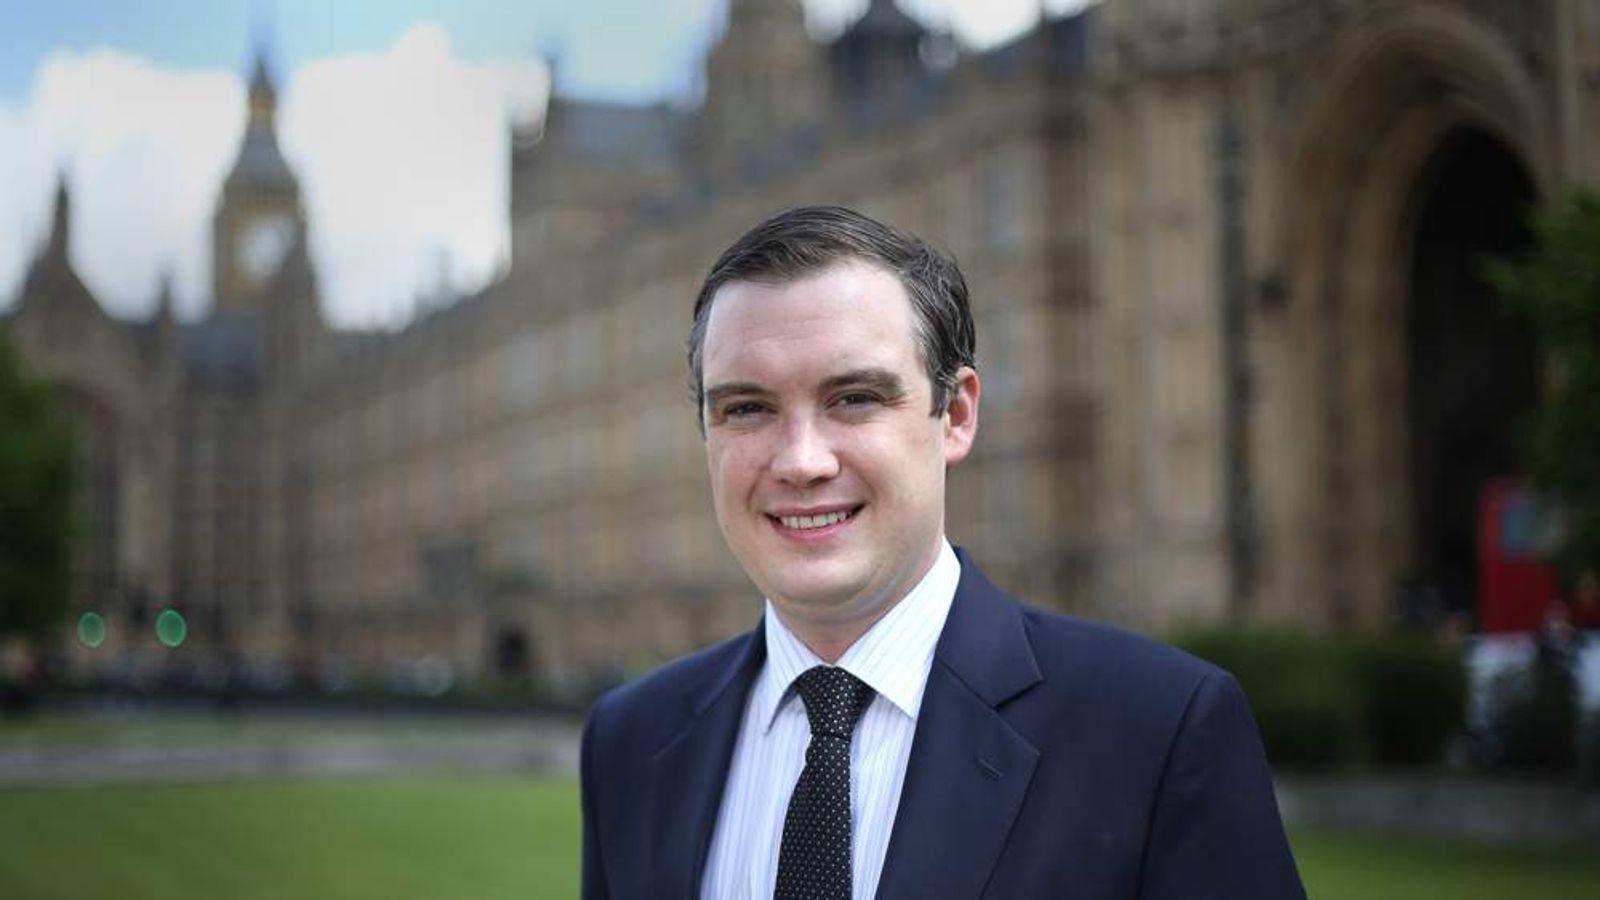 Tory MP James Wharton